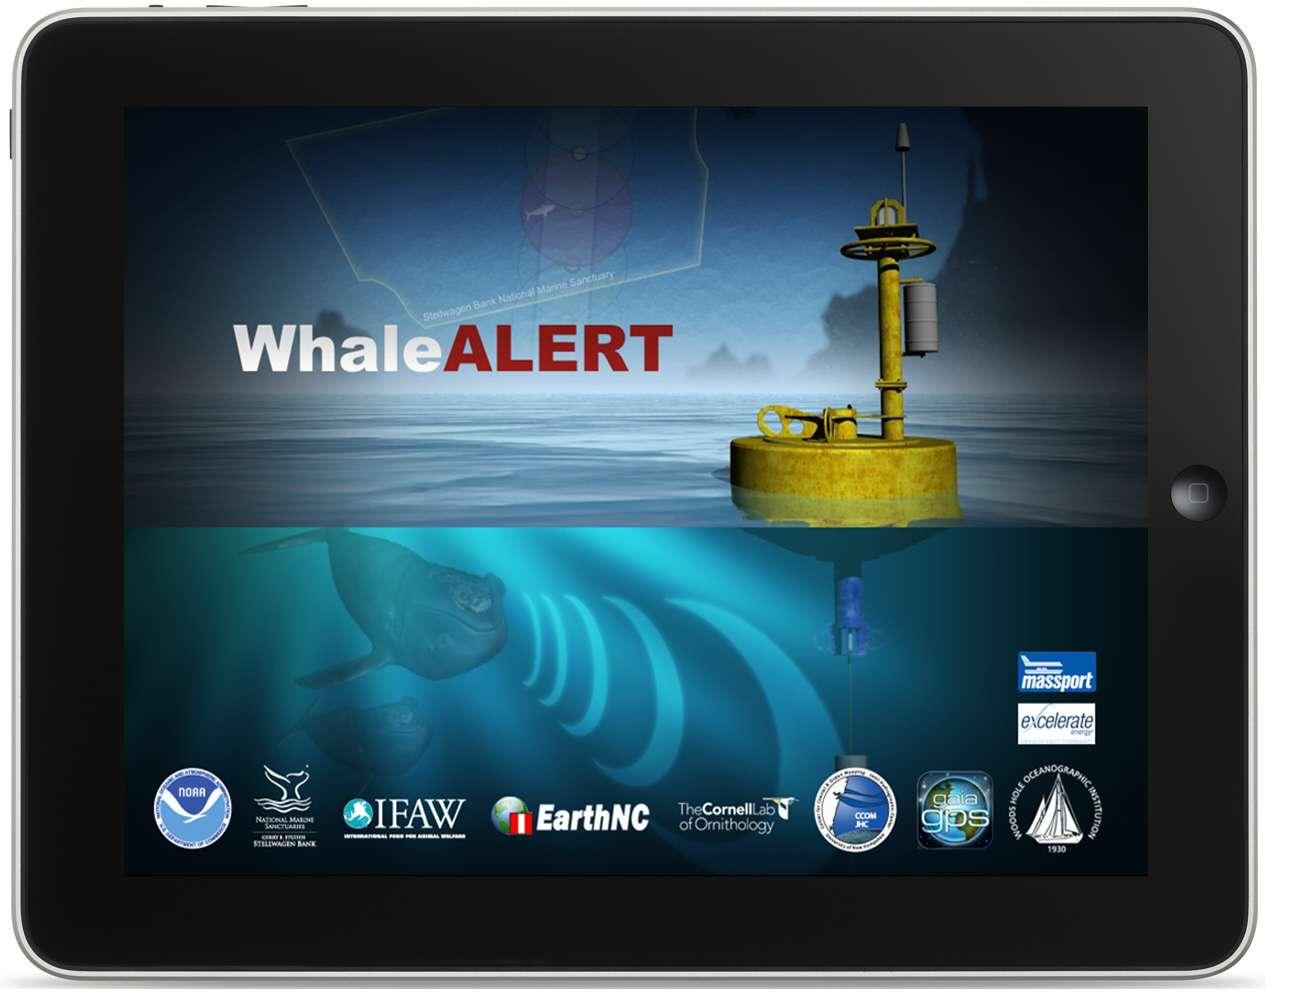 L'application Whale Alert est gratuite. Bien sûr, les applications en temps réel ne fonctionnent qu'avec une connexion à Internet mais de nombreux navires possèdent désormais ce genre d'équipements. © Stellwagen Bank National Marine Sanctuary Web Group